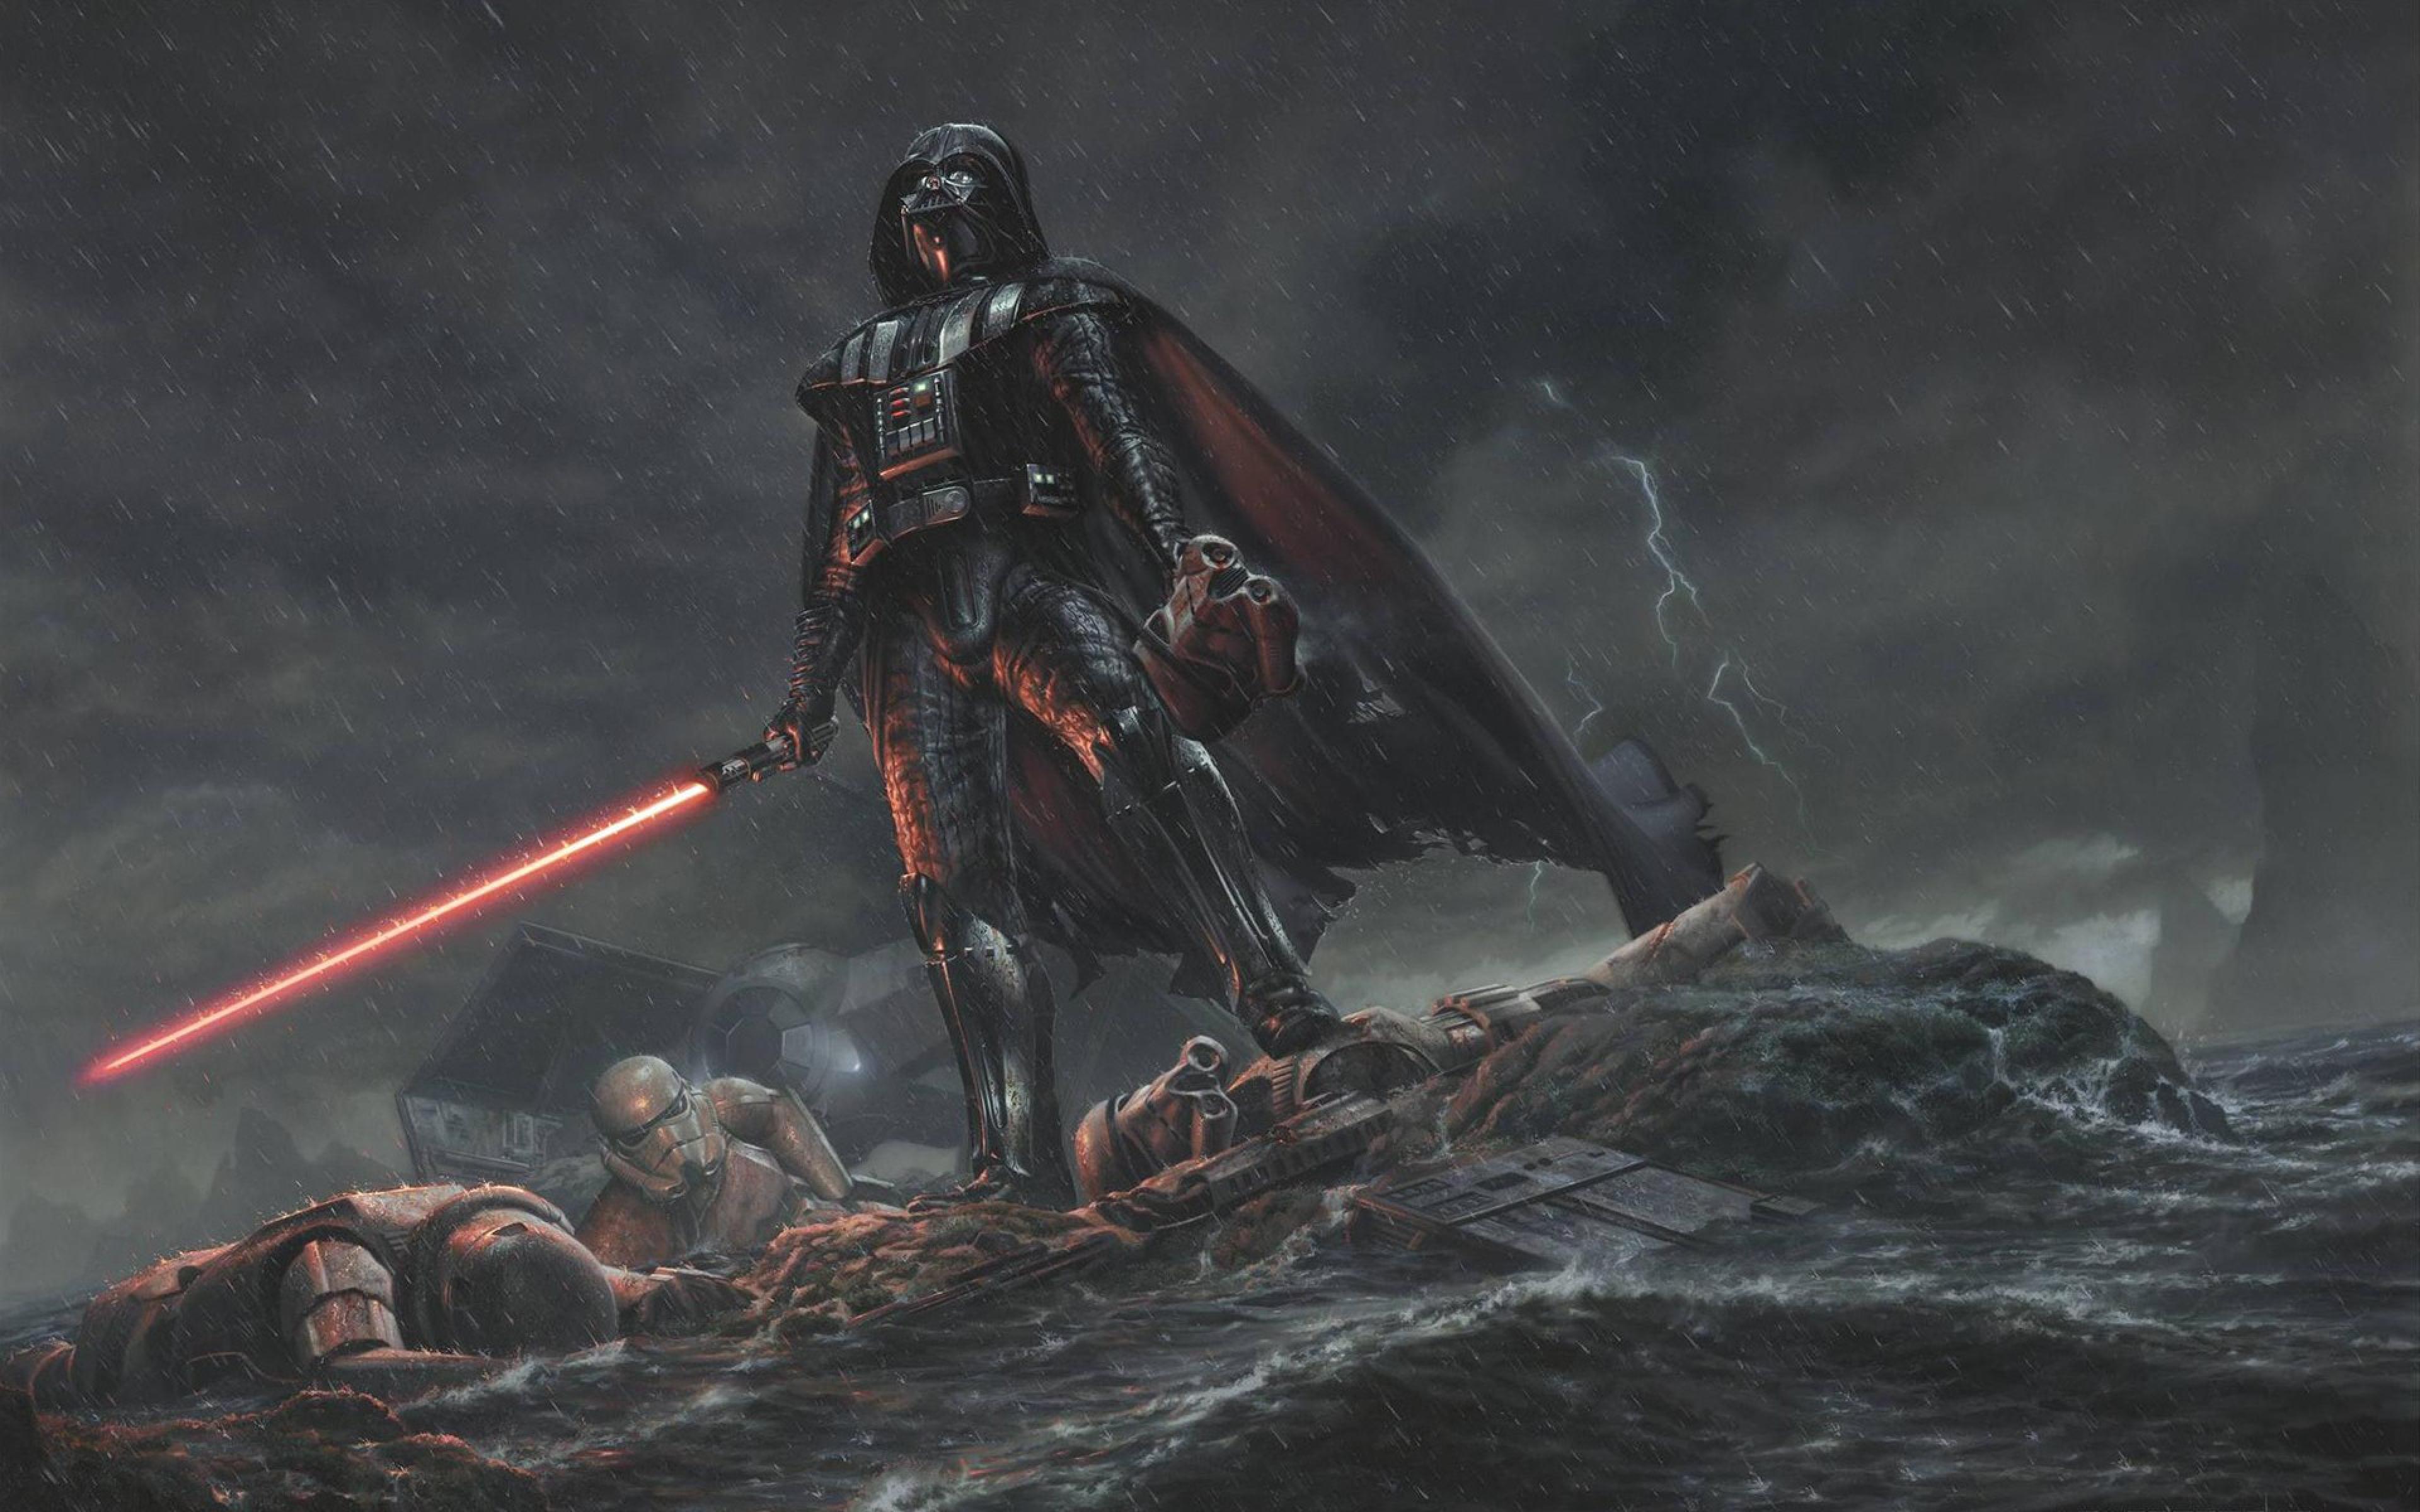 Darth Vader Star Wars 4k Hd Movies 4k Wallpapers Images